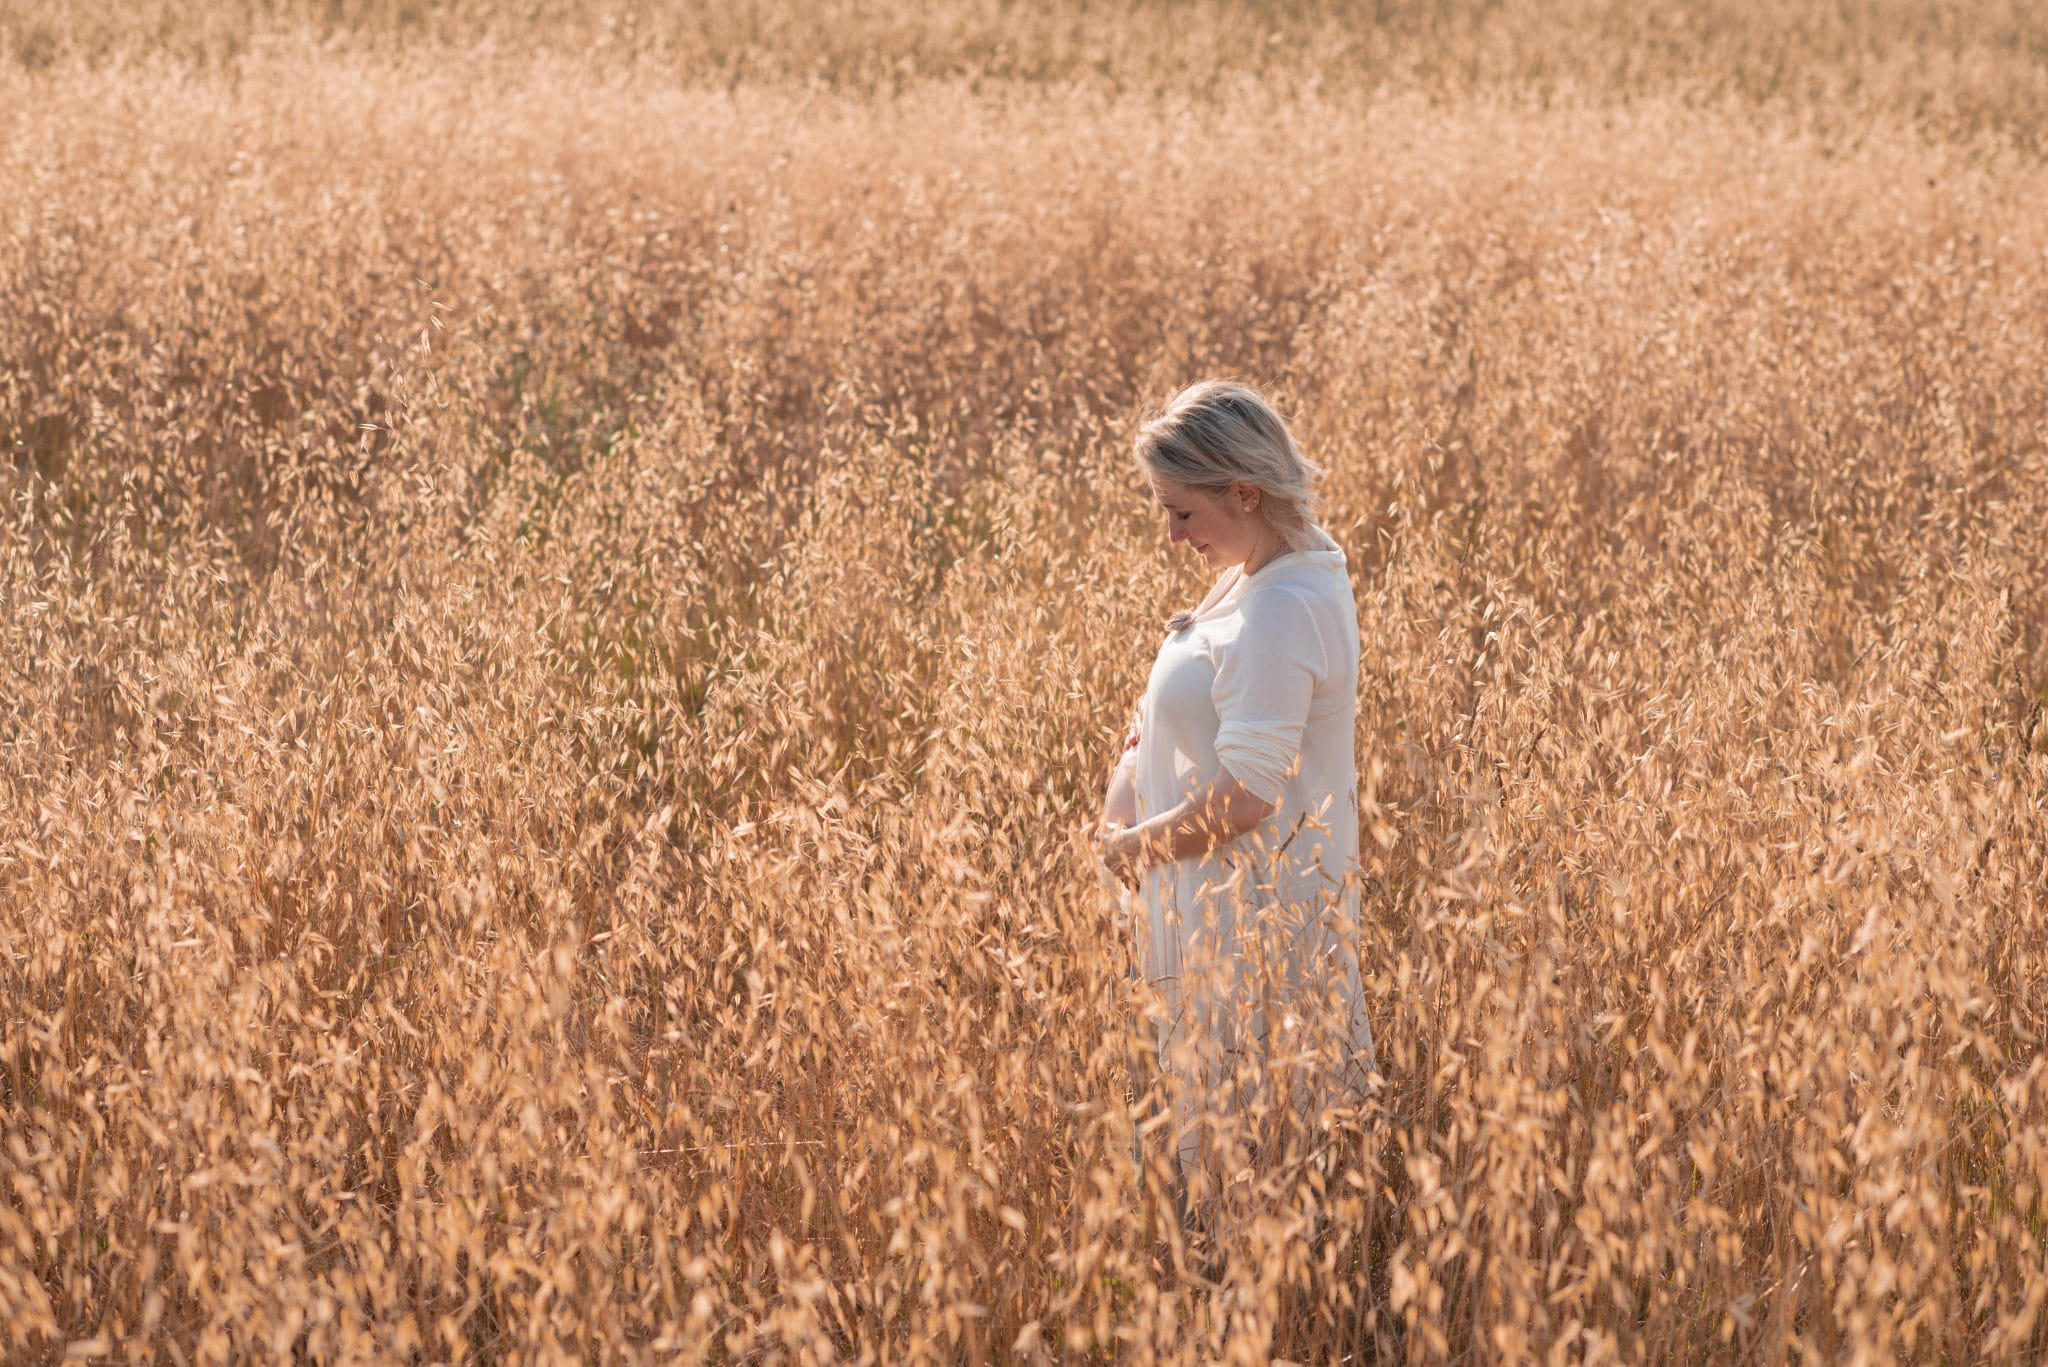 fotografo ritratti in giallo senape la spezia scegli il tuo colore gravidanza in un campo